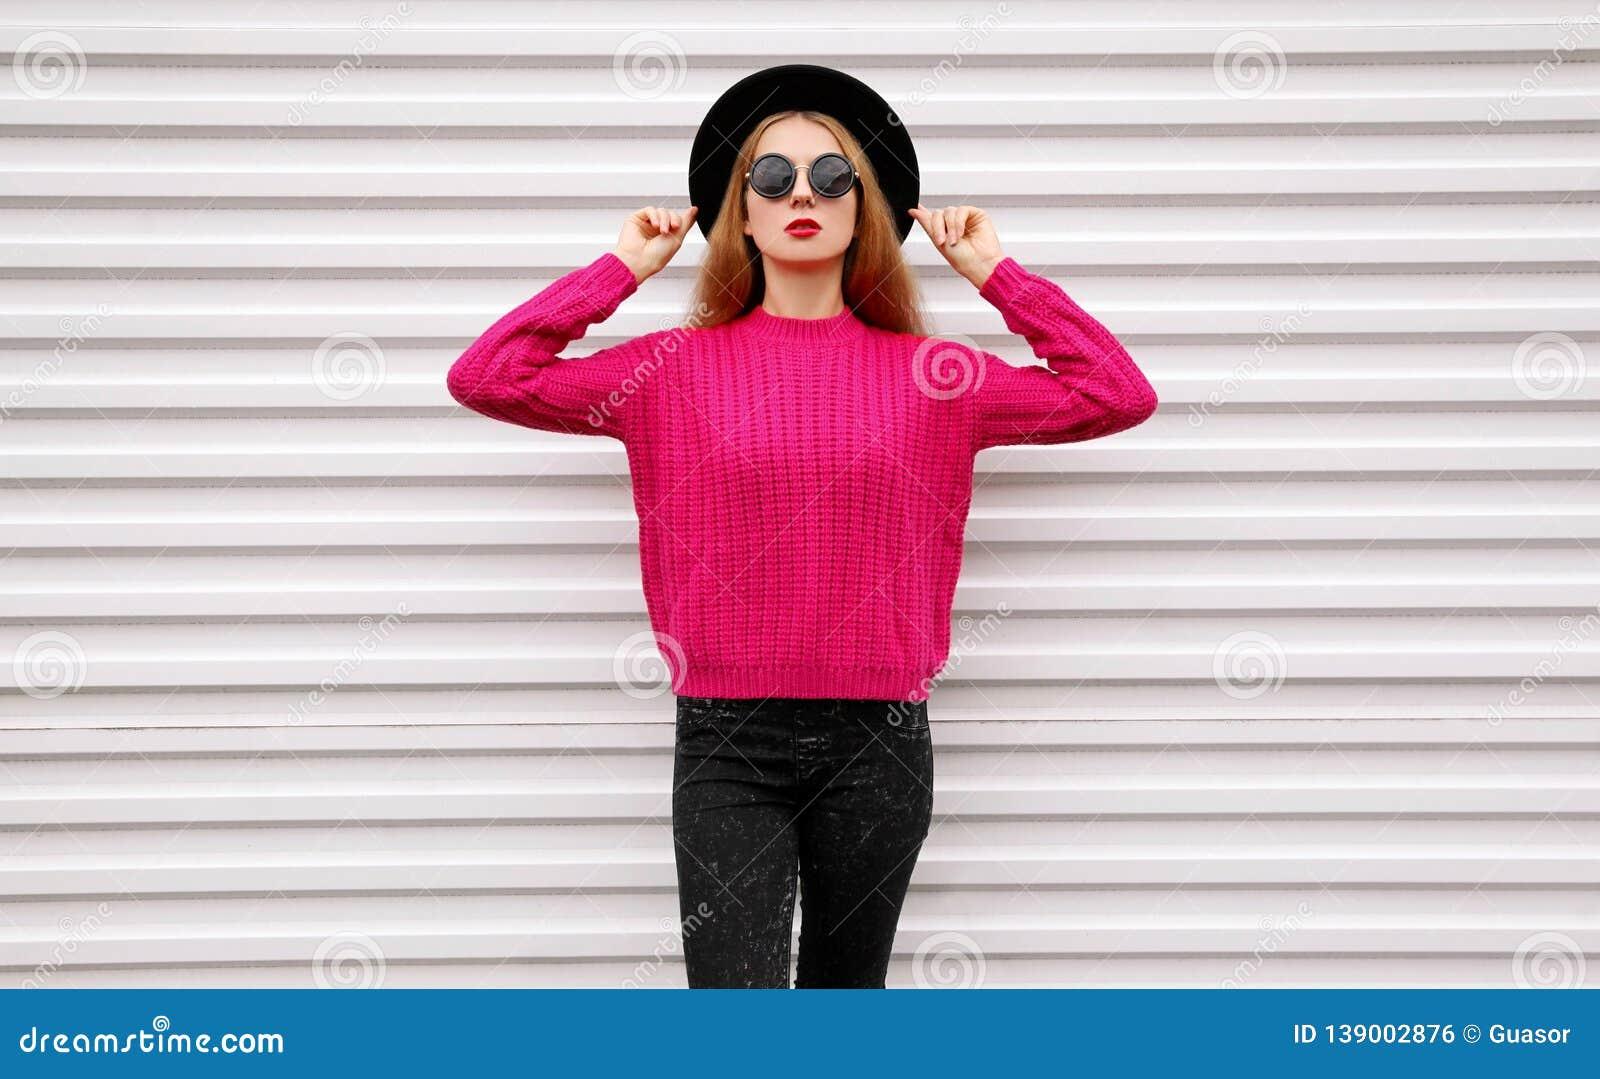 Stilvolles hübsches Frauenmodell, das in der bunten rosa gestrickten Strickjacke, schwarzer runder Hut auf weißer Wand aufwirft